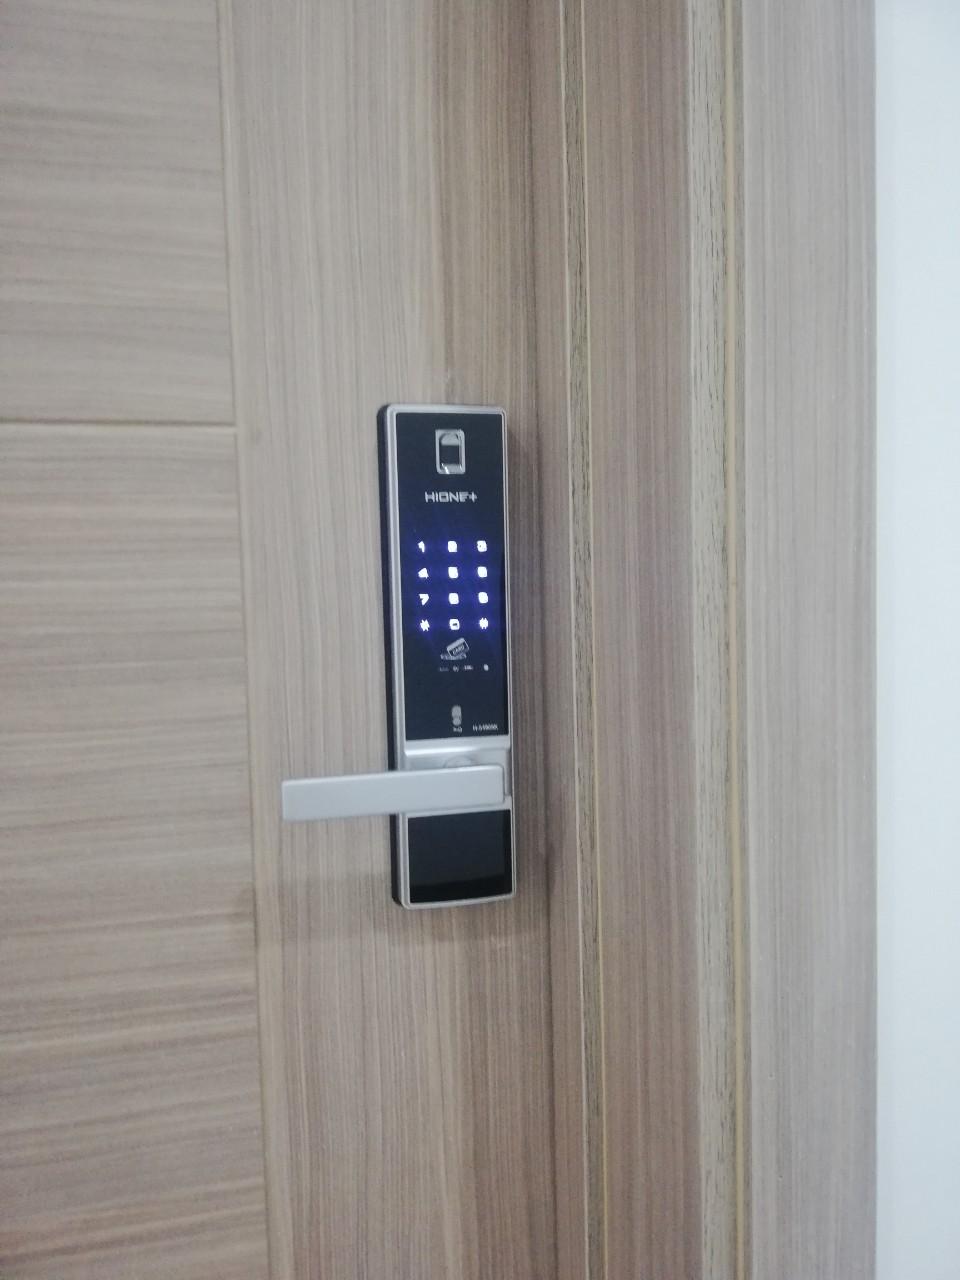 khóa cửa thông minh, khóa điện tử tốt nhất